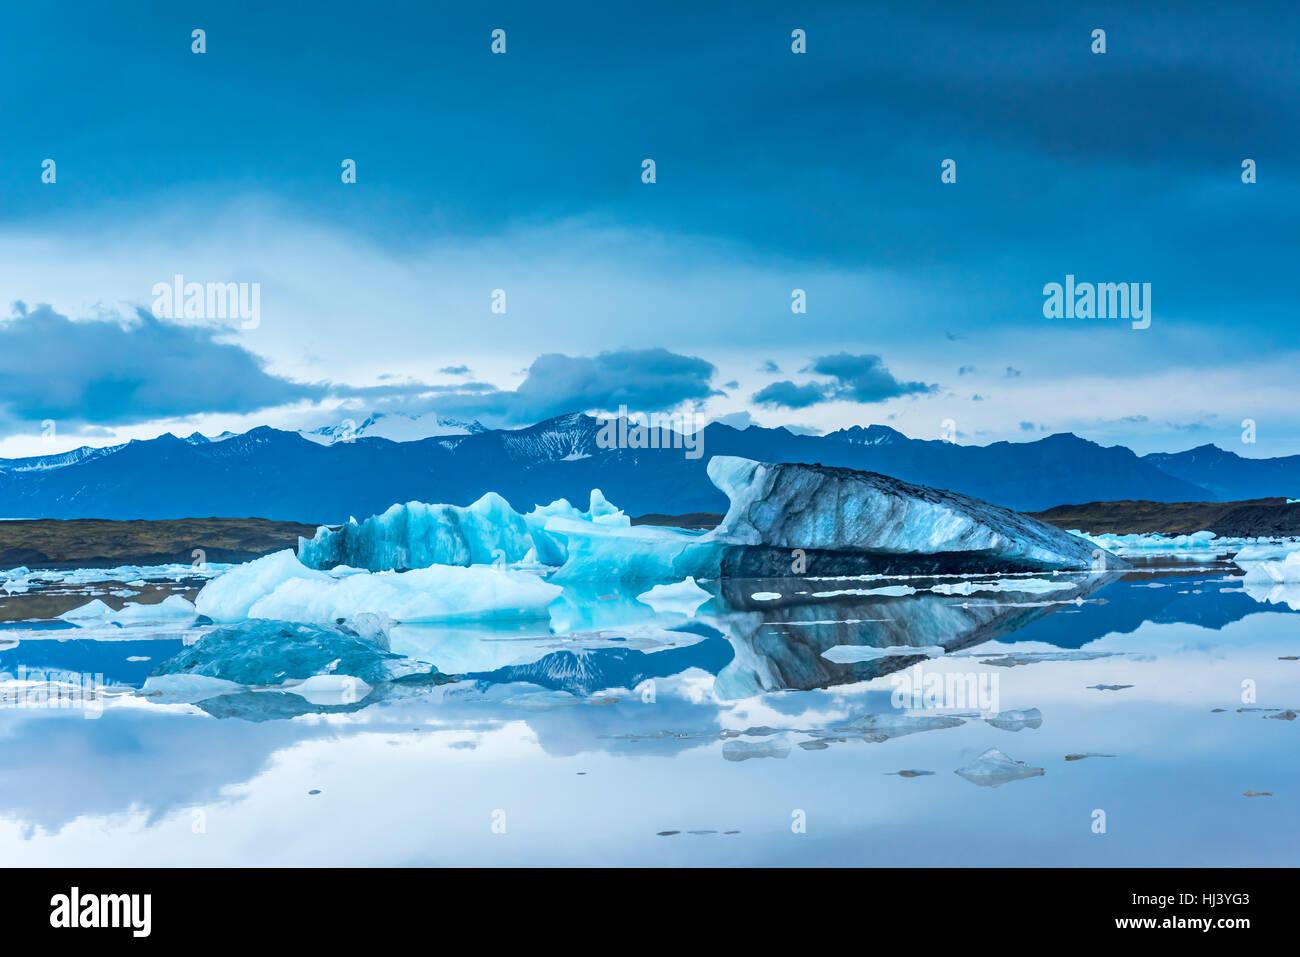 Les icebergs le long de la rive du Jokulsarlon glacial lagoon pendant un temps couvert bleu reste immobile tandis Banque D'Images